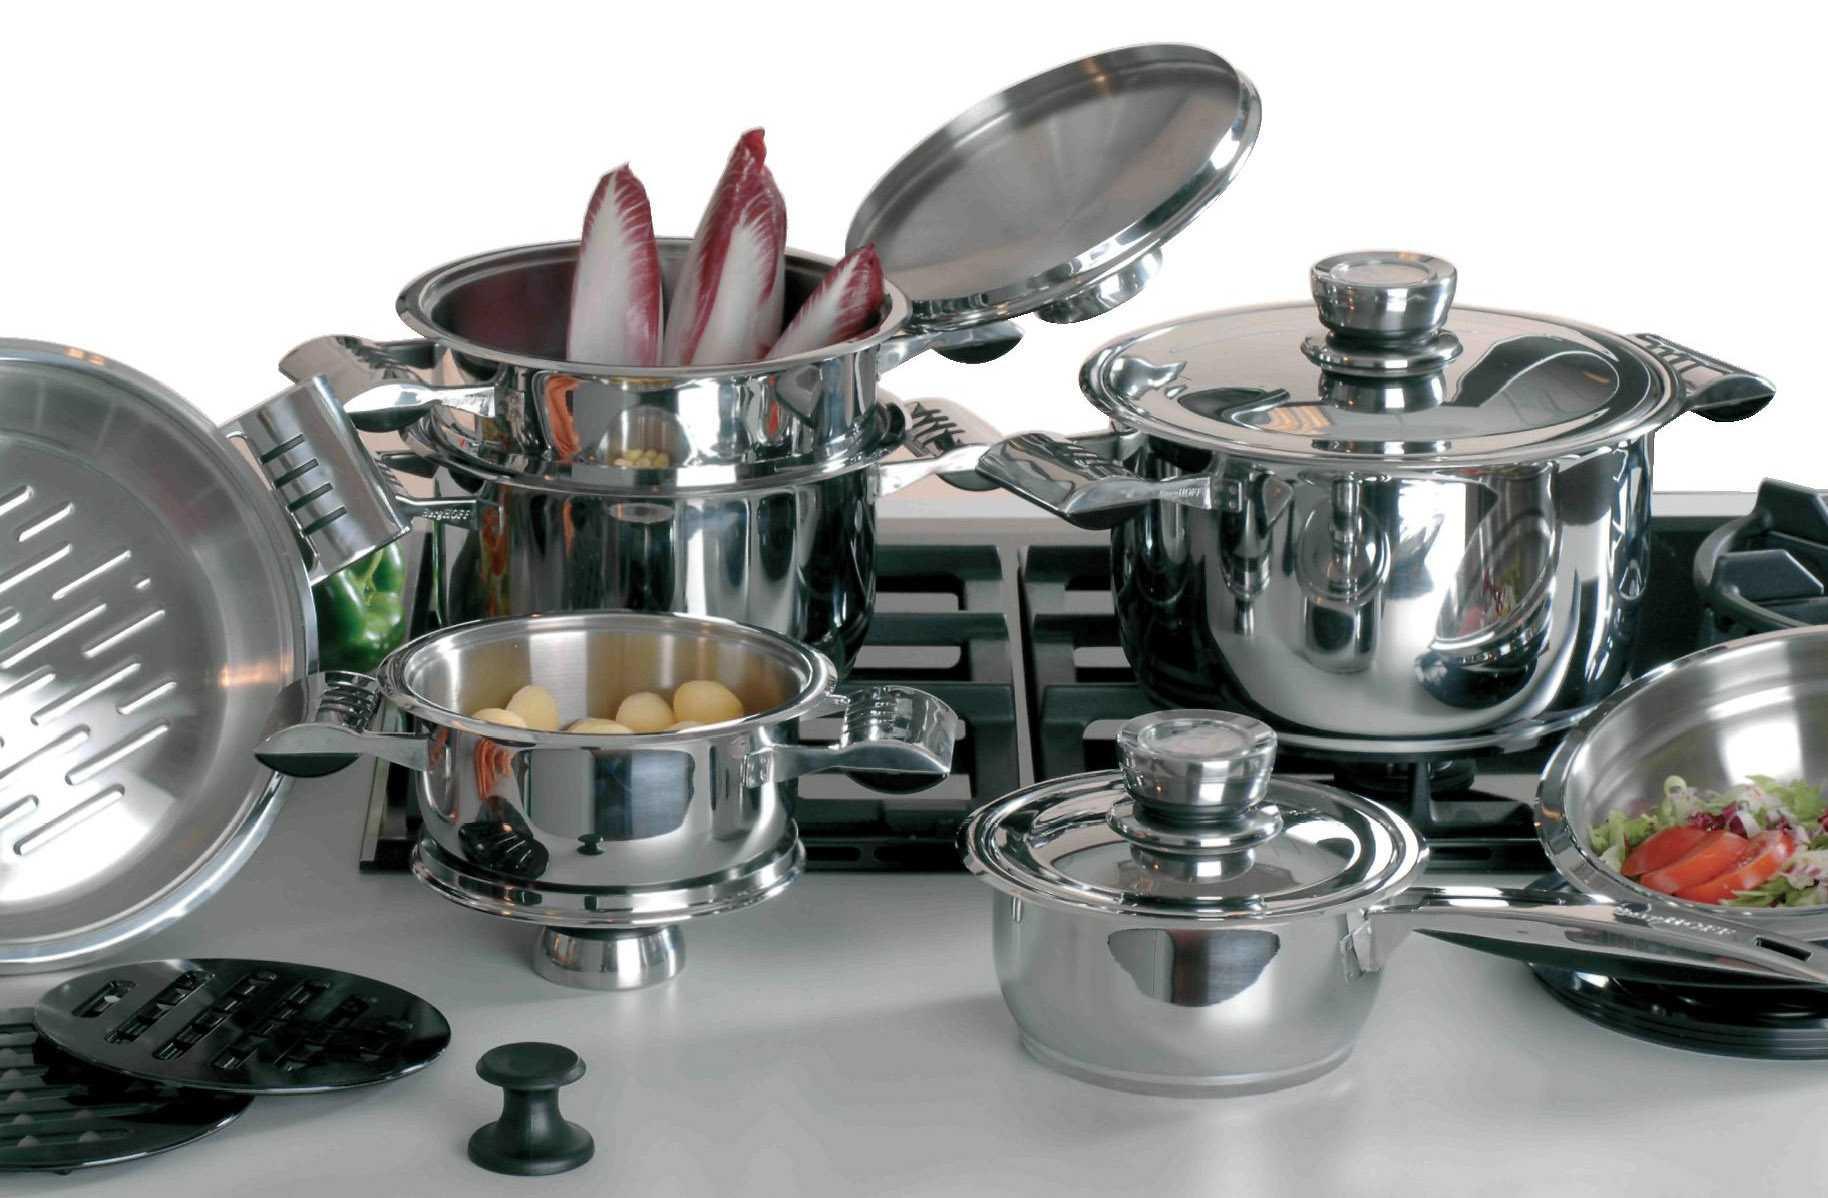 Хорошая посуда из нержавеющей стали, фирмы, критерии выбора